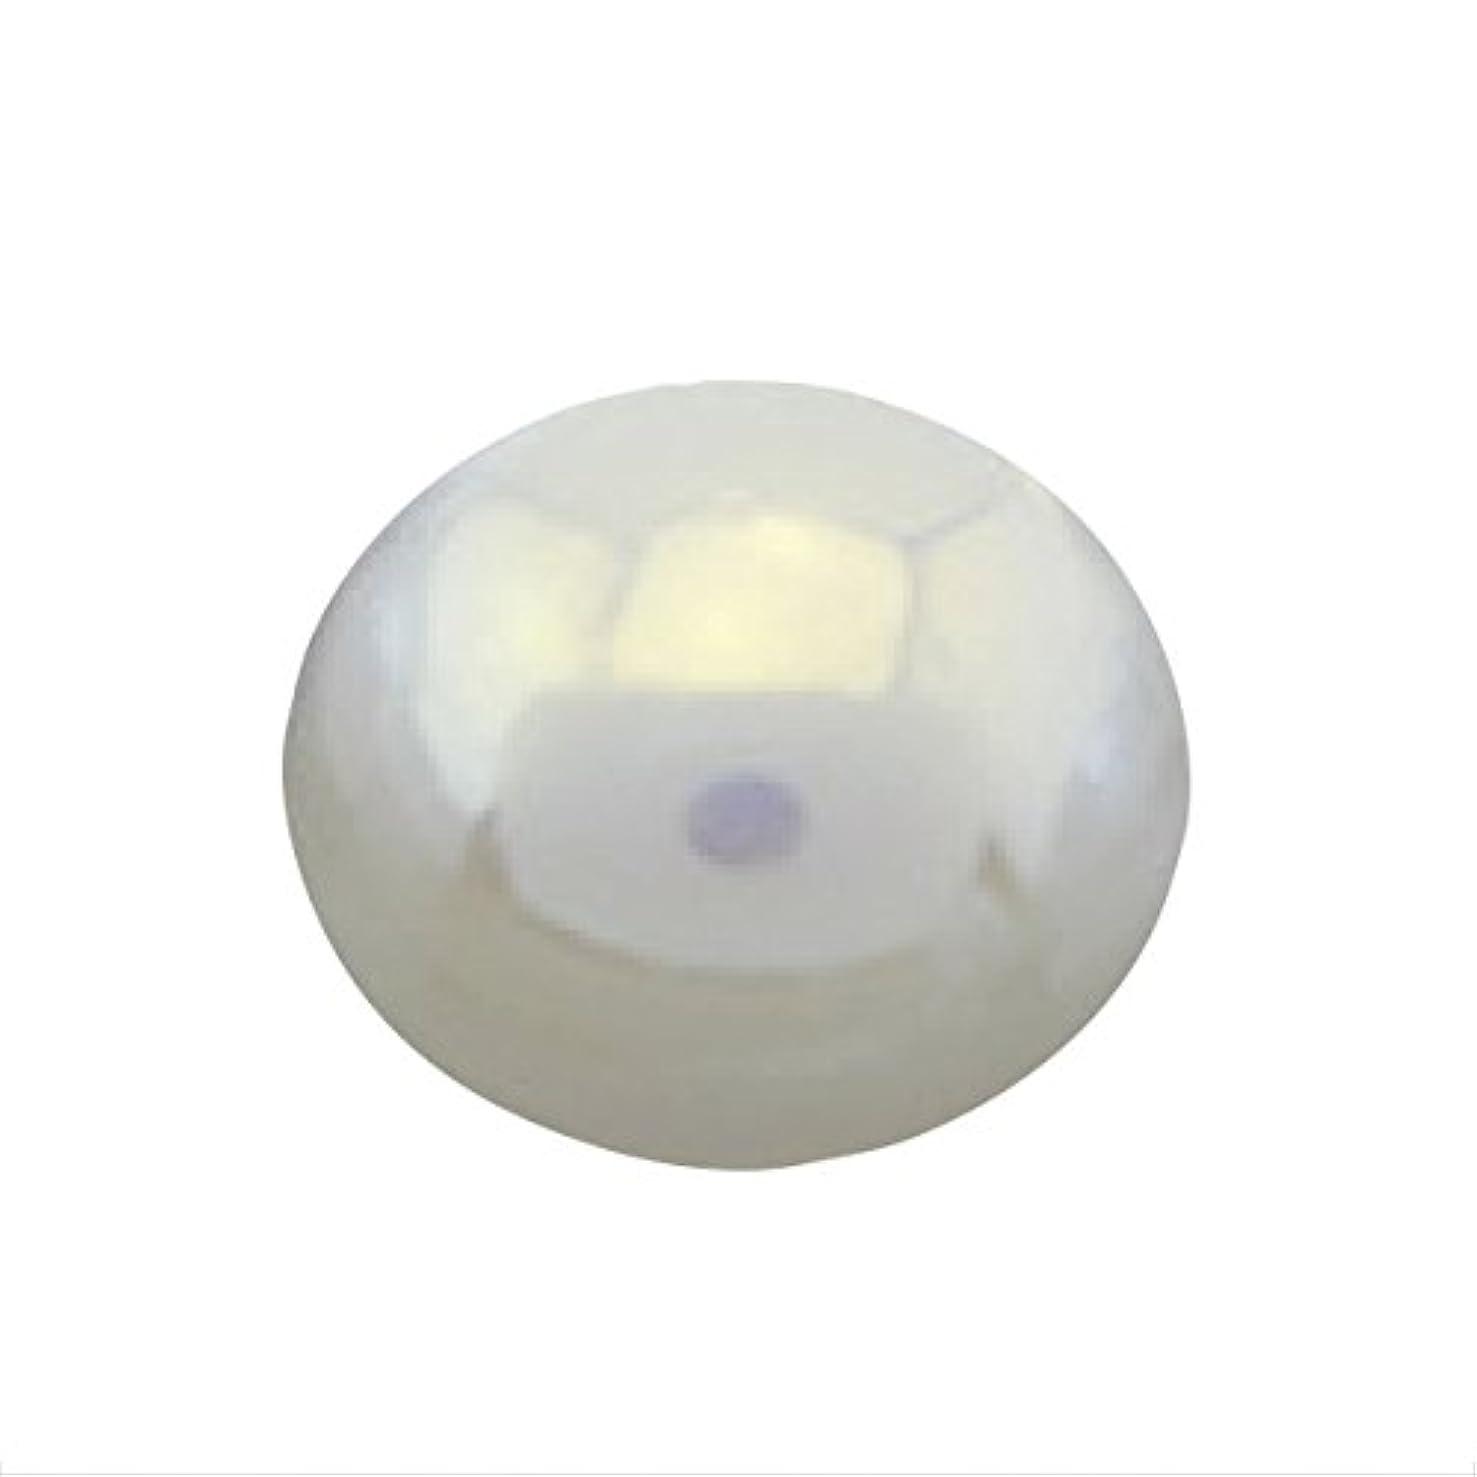 星サラミ質素なパールオーロラホワイト1.5mm(50個入り)